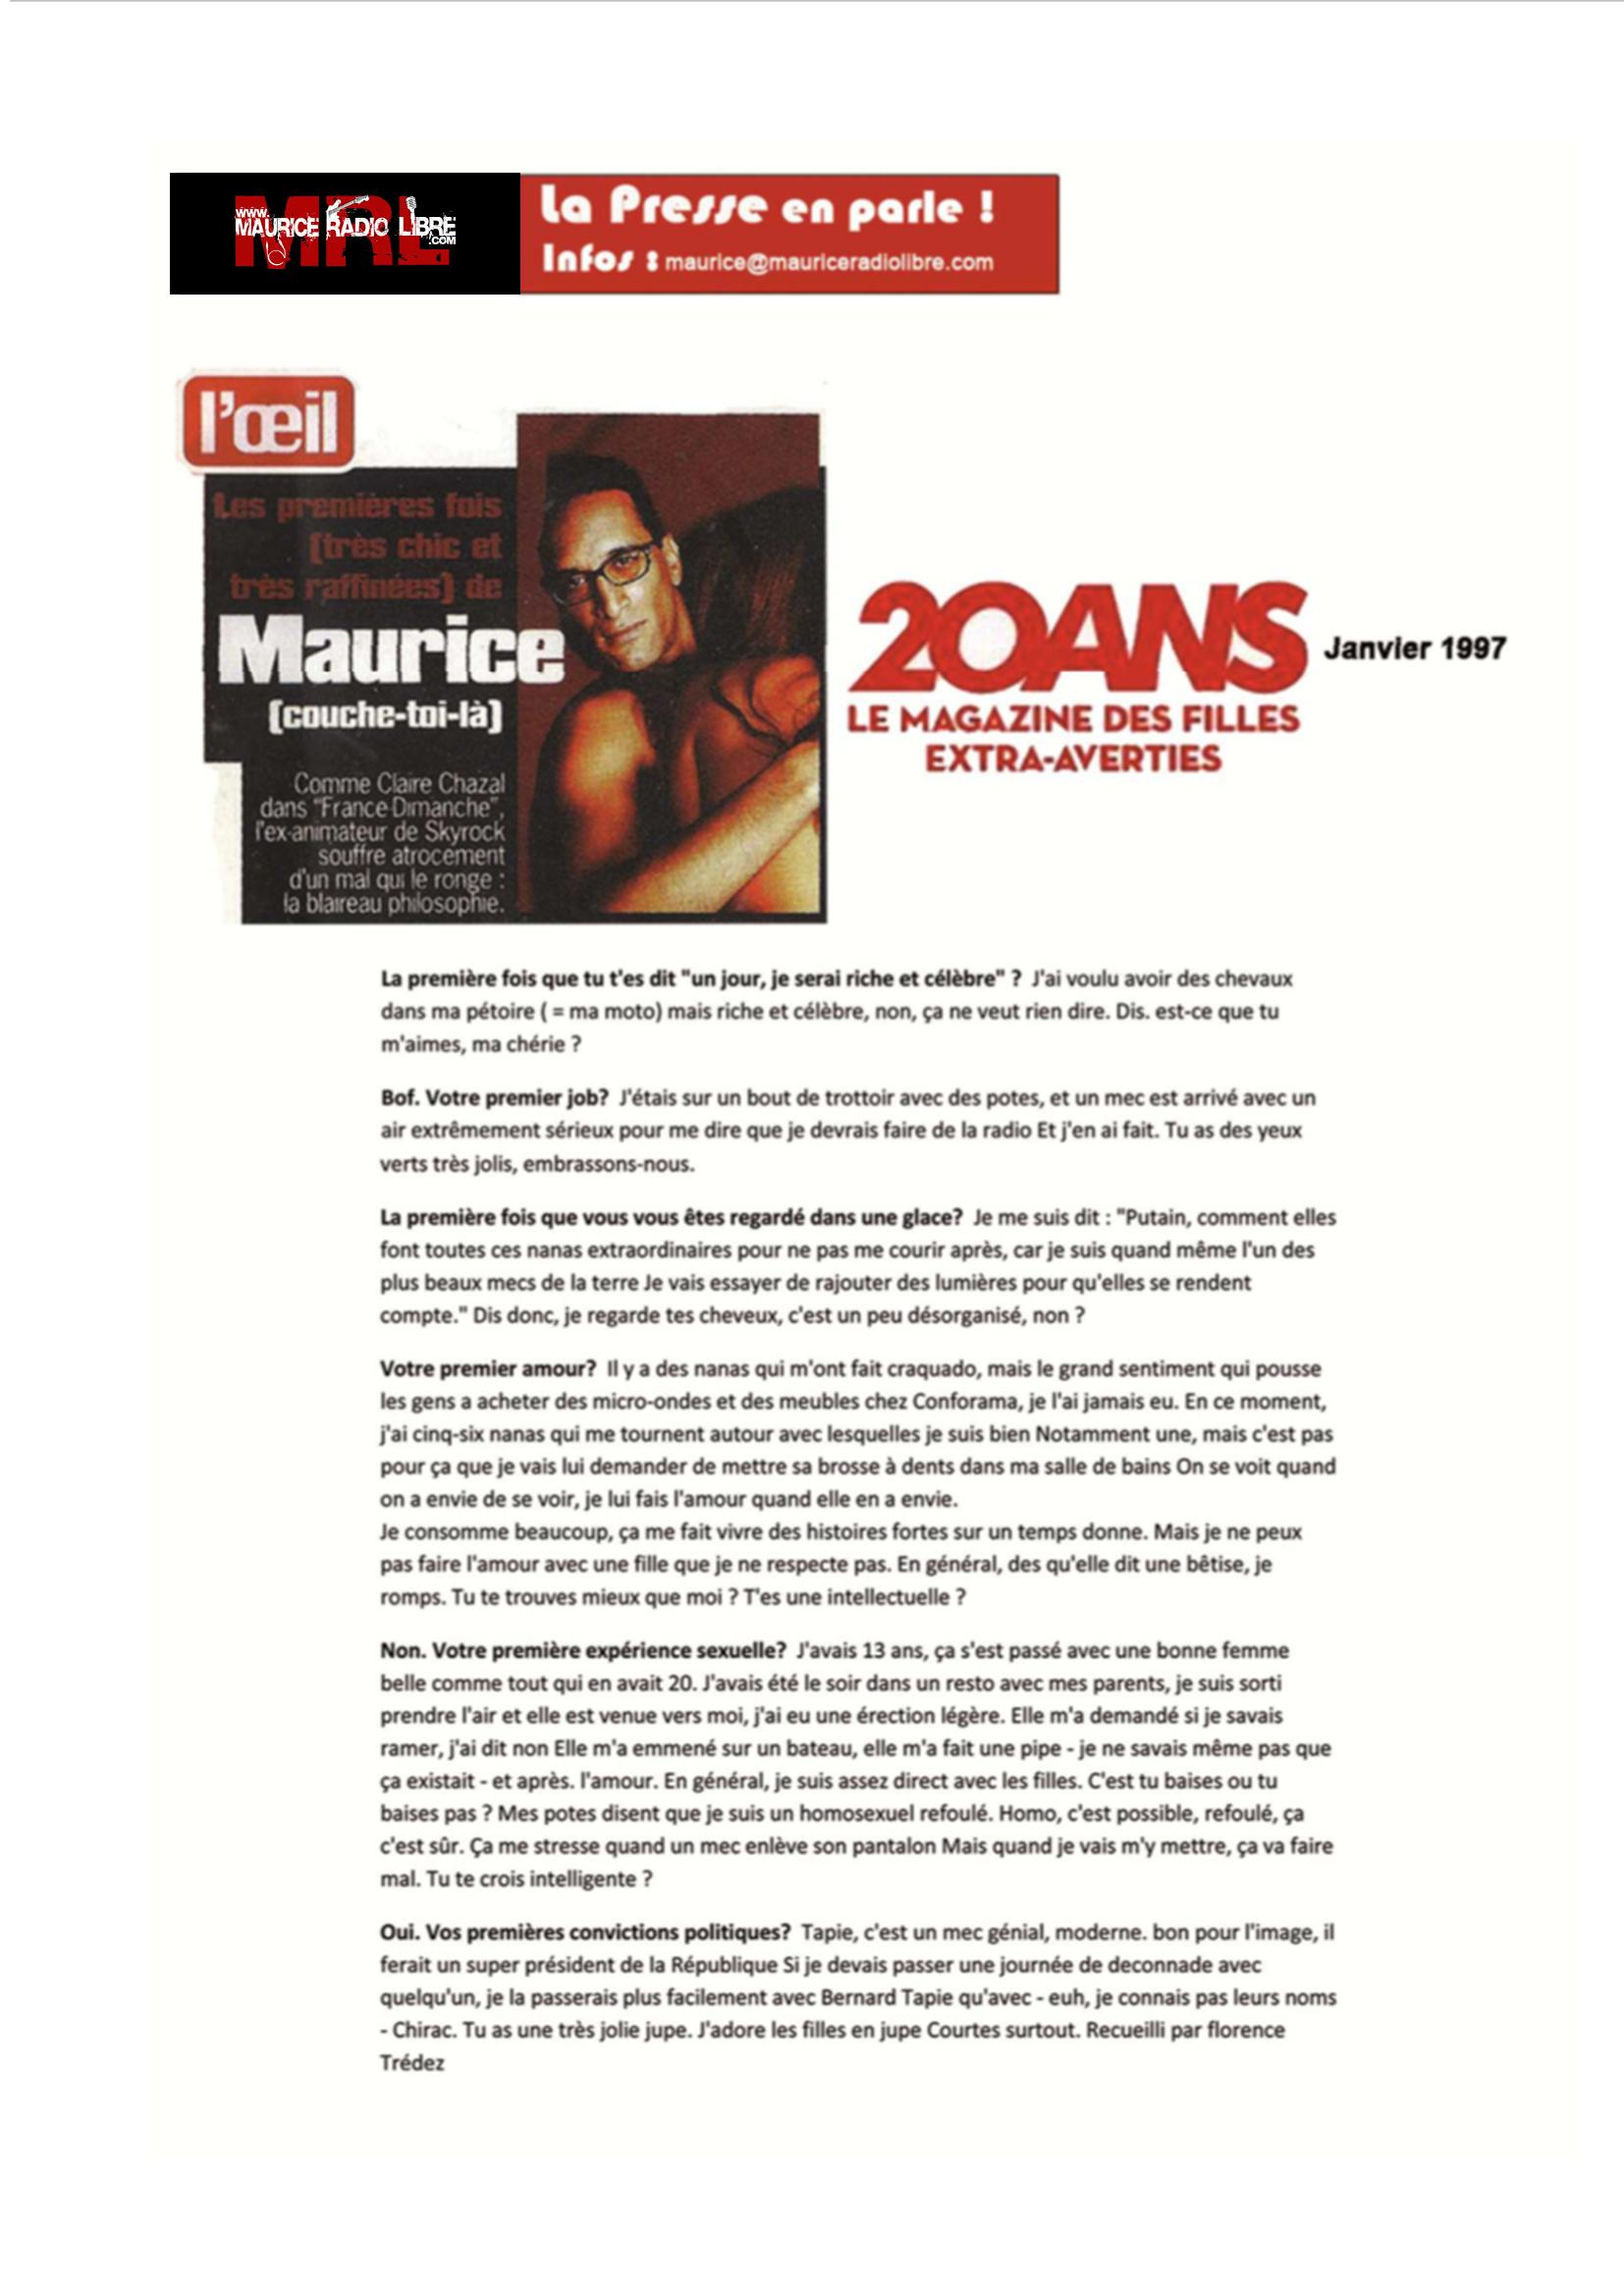 vignette 20 ans Les premières fois - Janvier 1997